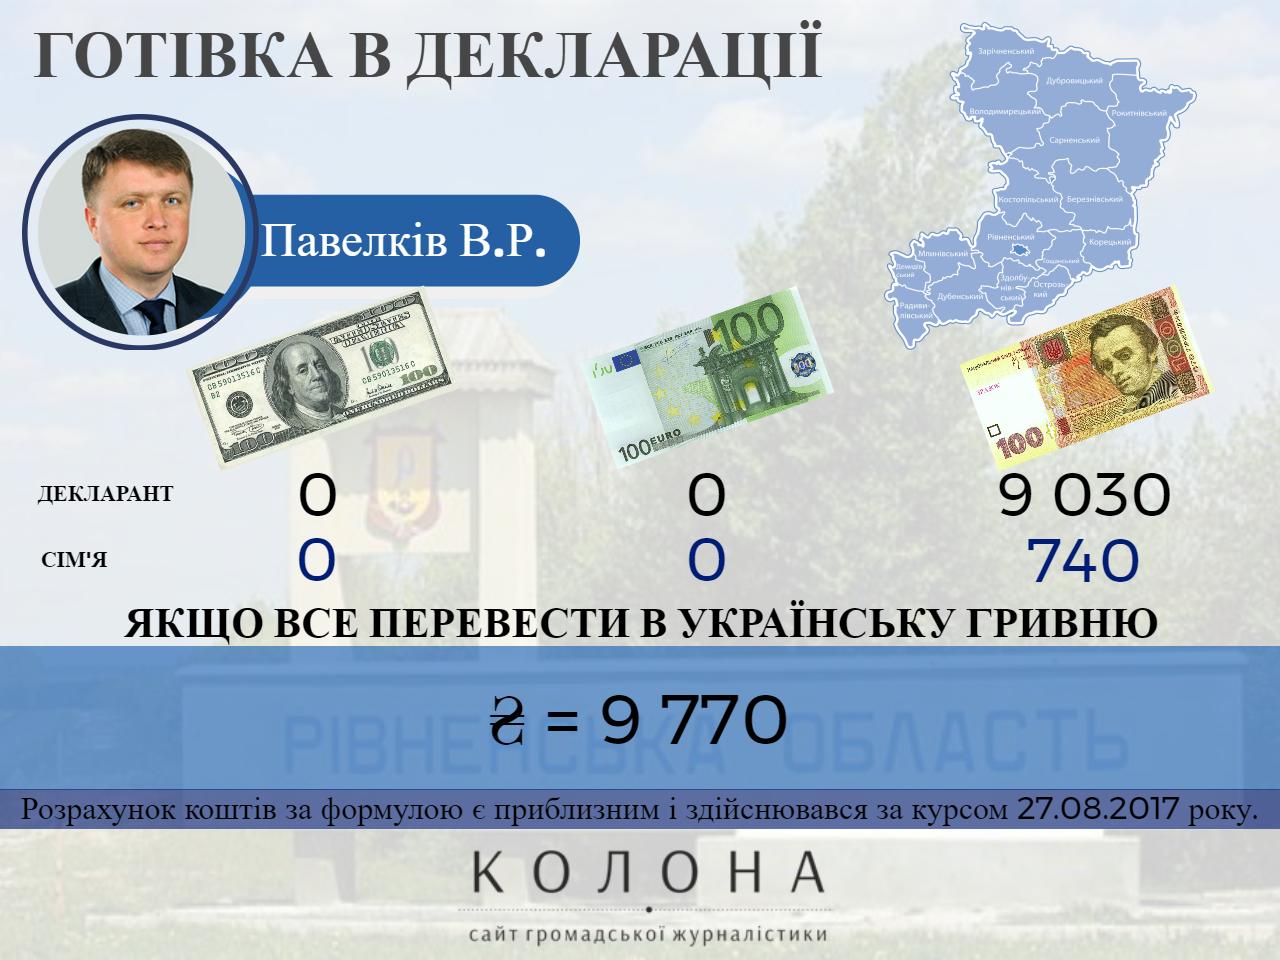 Павелків Віталій